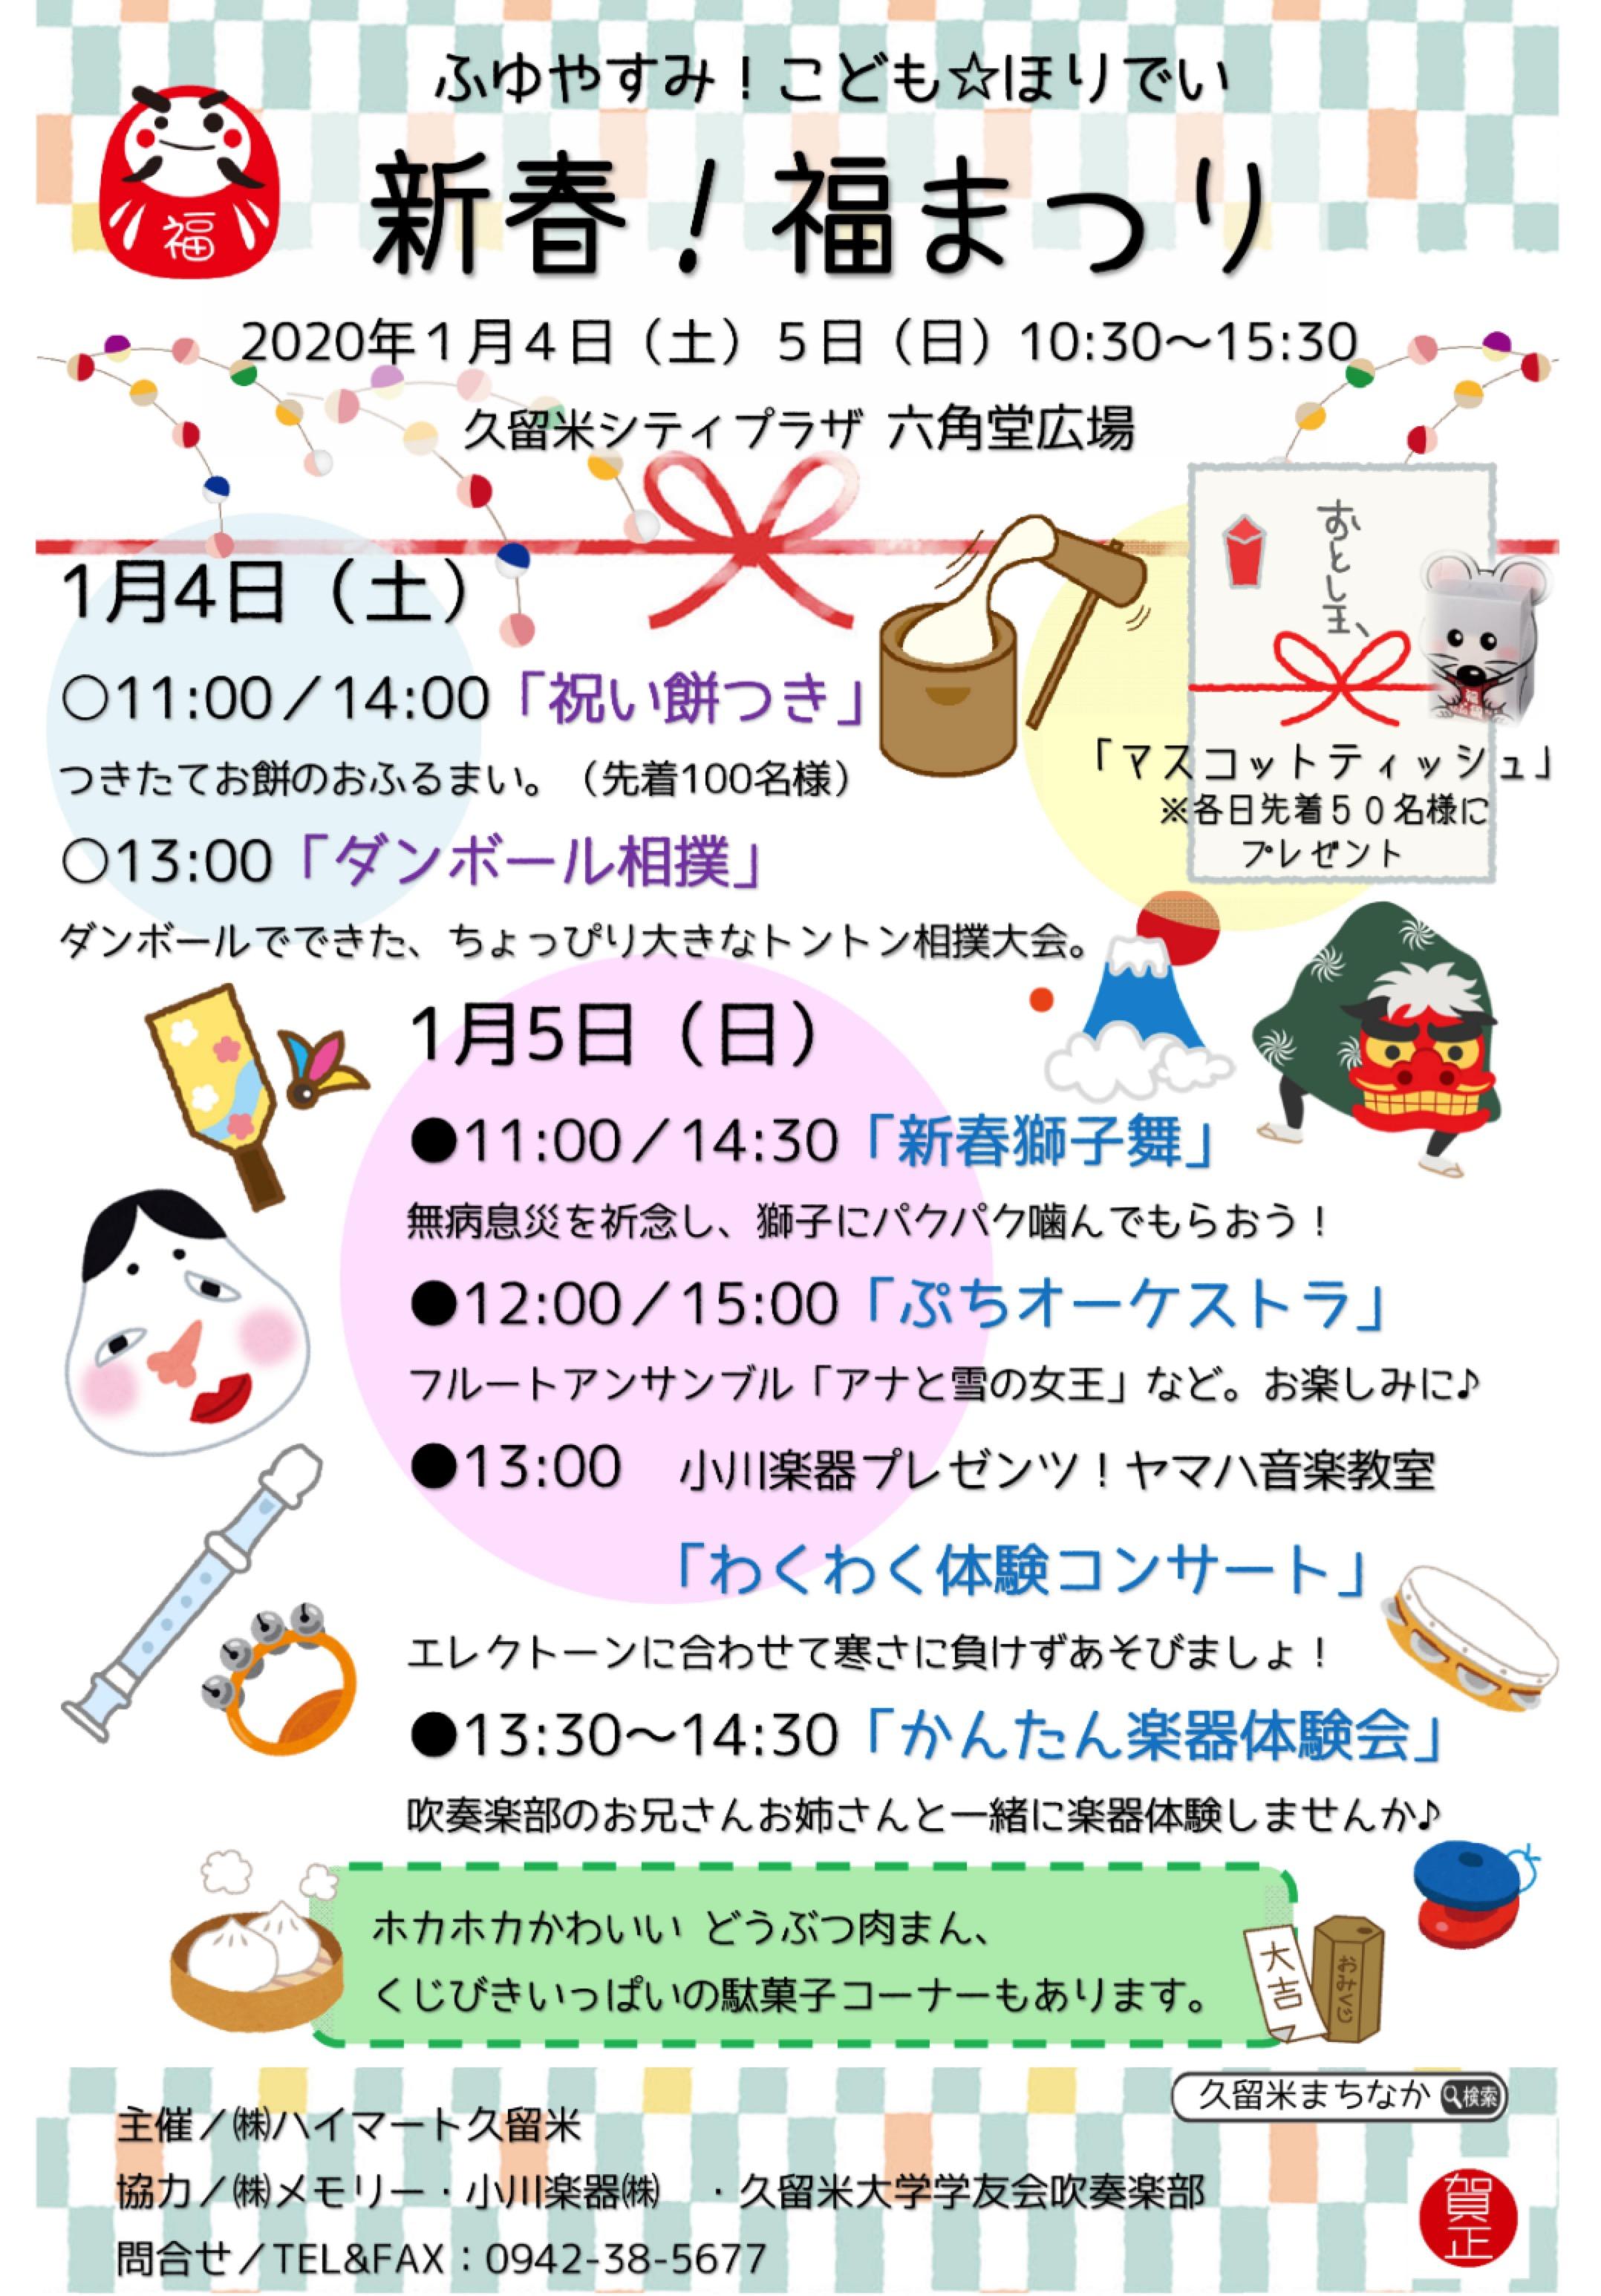 新春!福まつり 久留米六角堂広場 祝い餅つきや新春獅子舞など開催